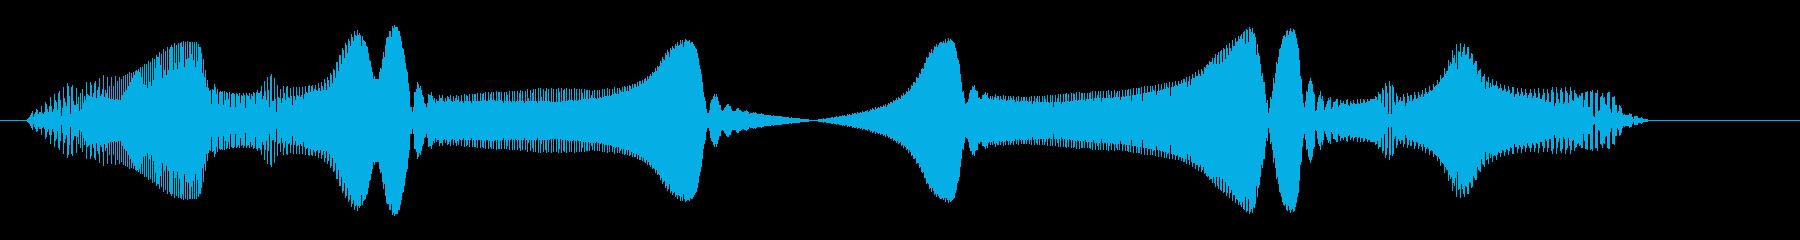 キラリーン(ピンチの時に突然現れる人物)の再生済みの波形